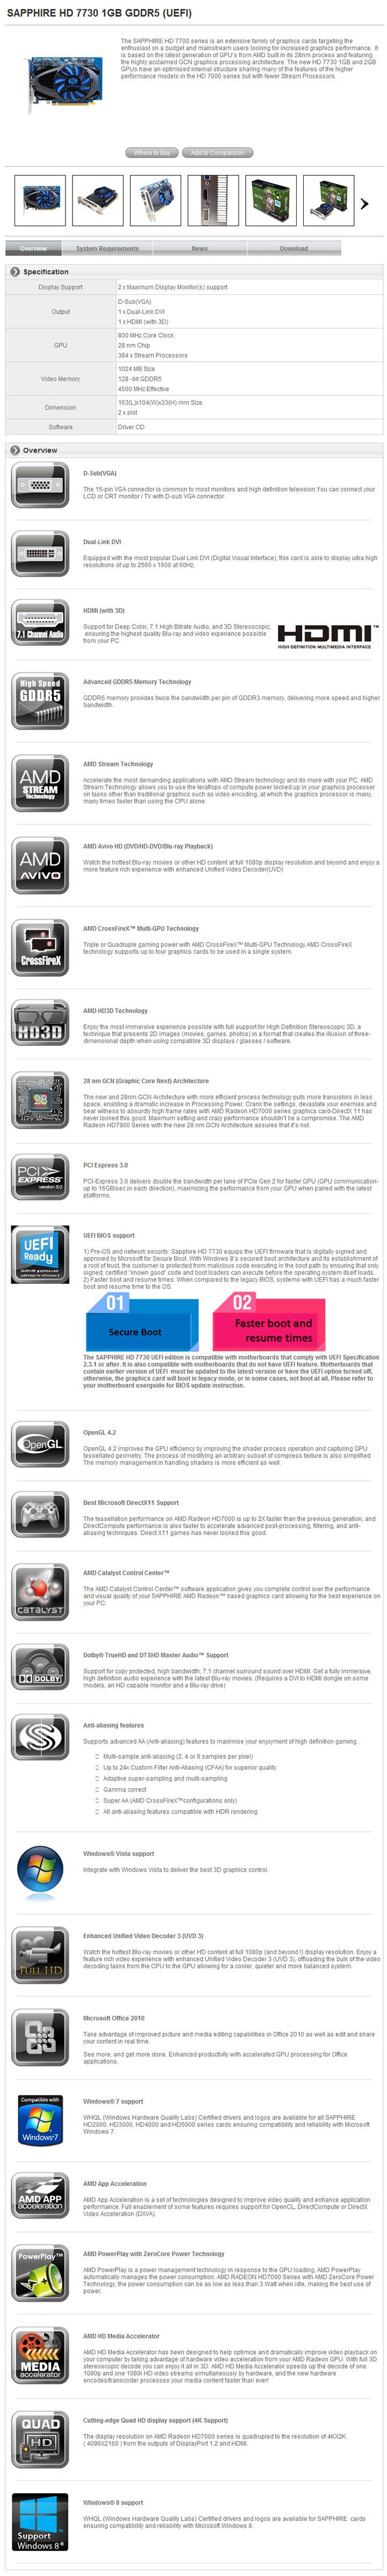 spec SAPPHIRE HD 7730 1GB GDDR5